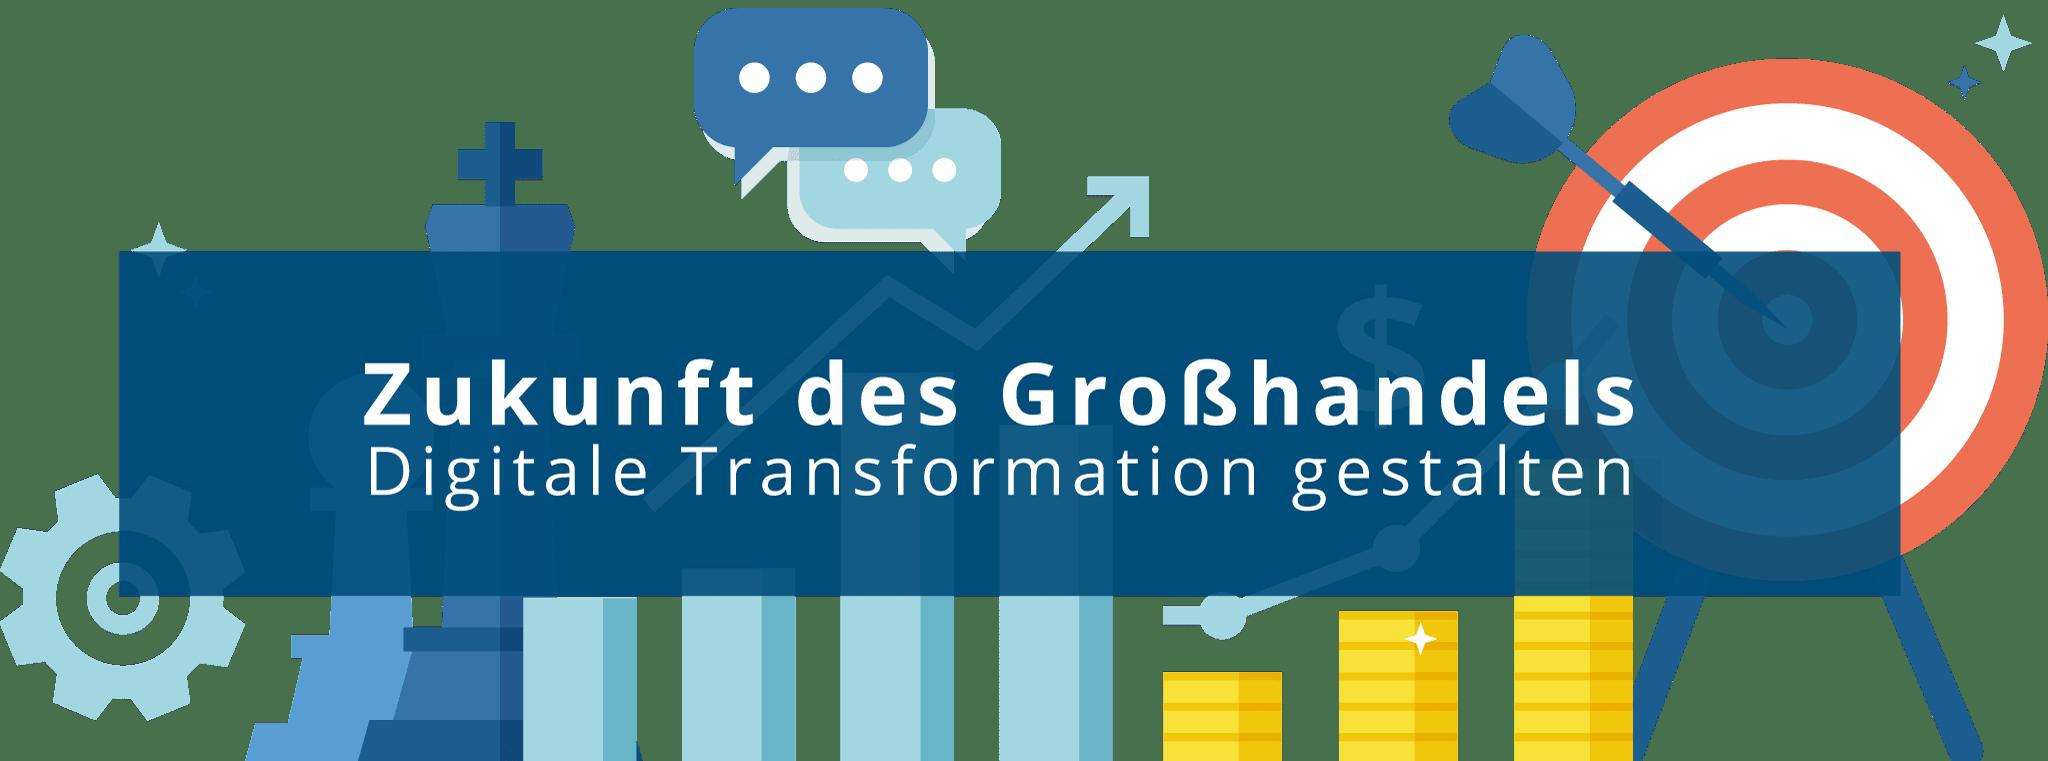 Zukunft des Großhandels - Digitale Transformation gestalten